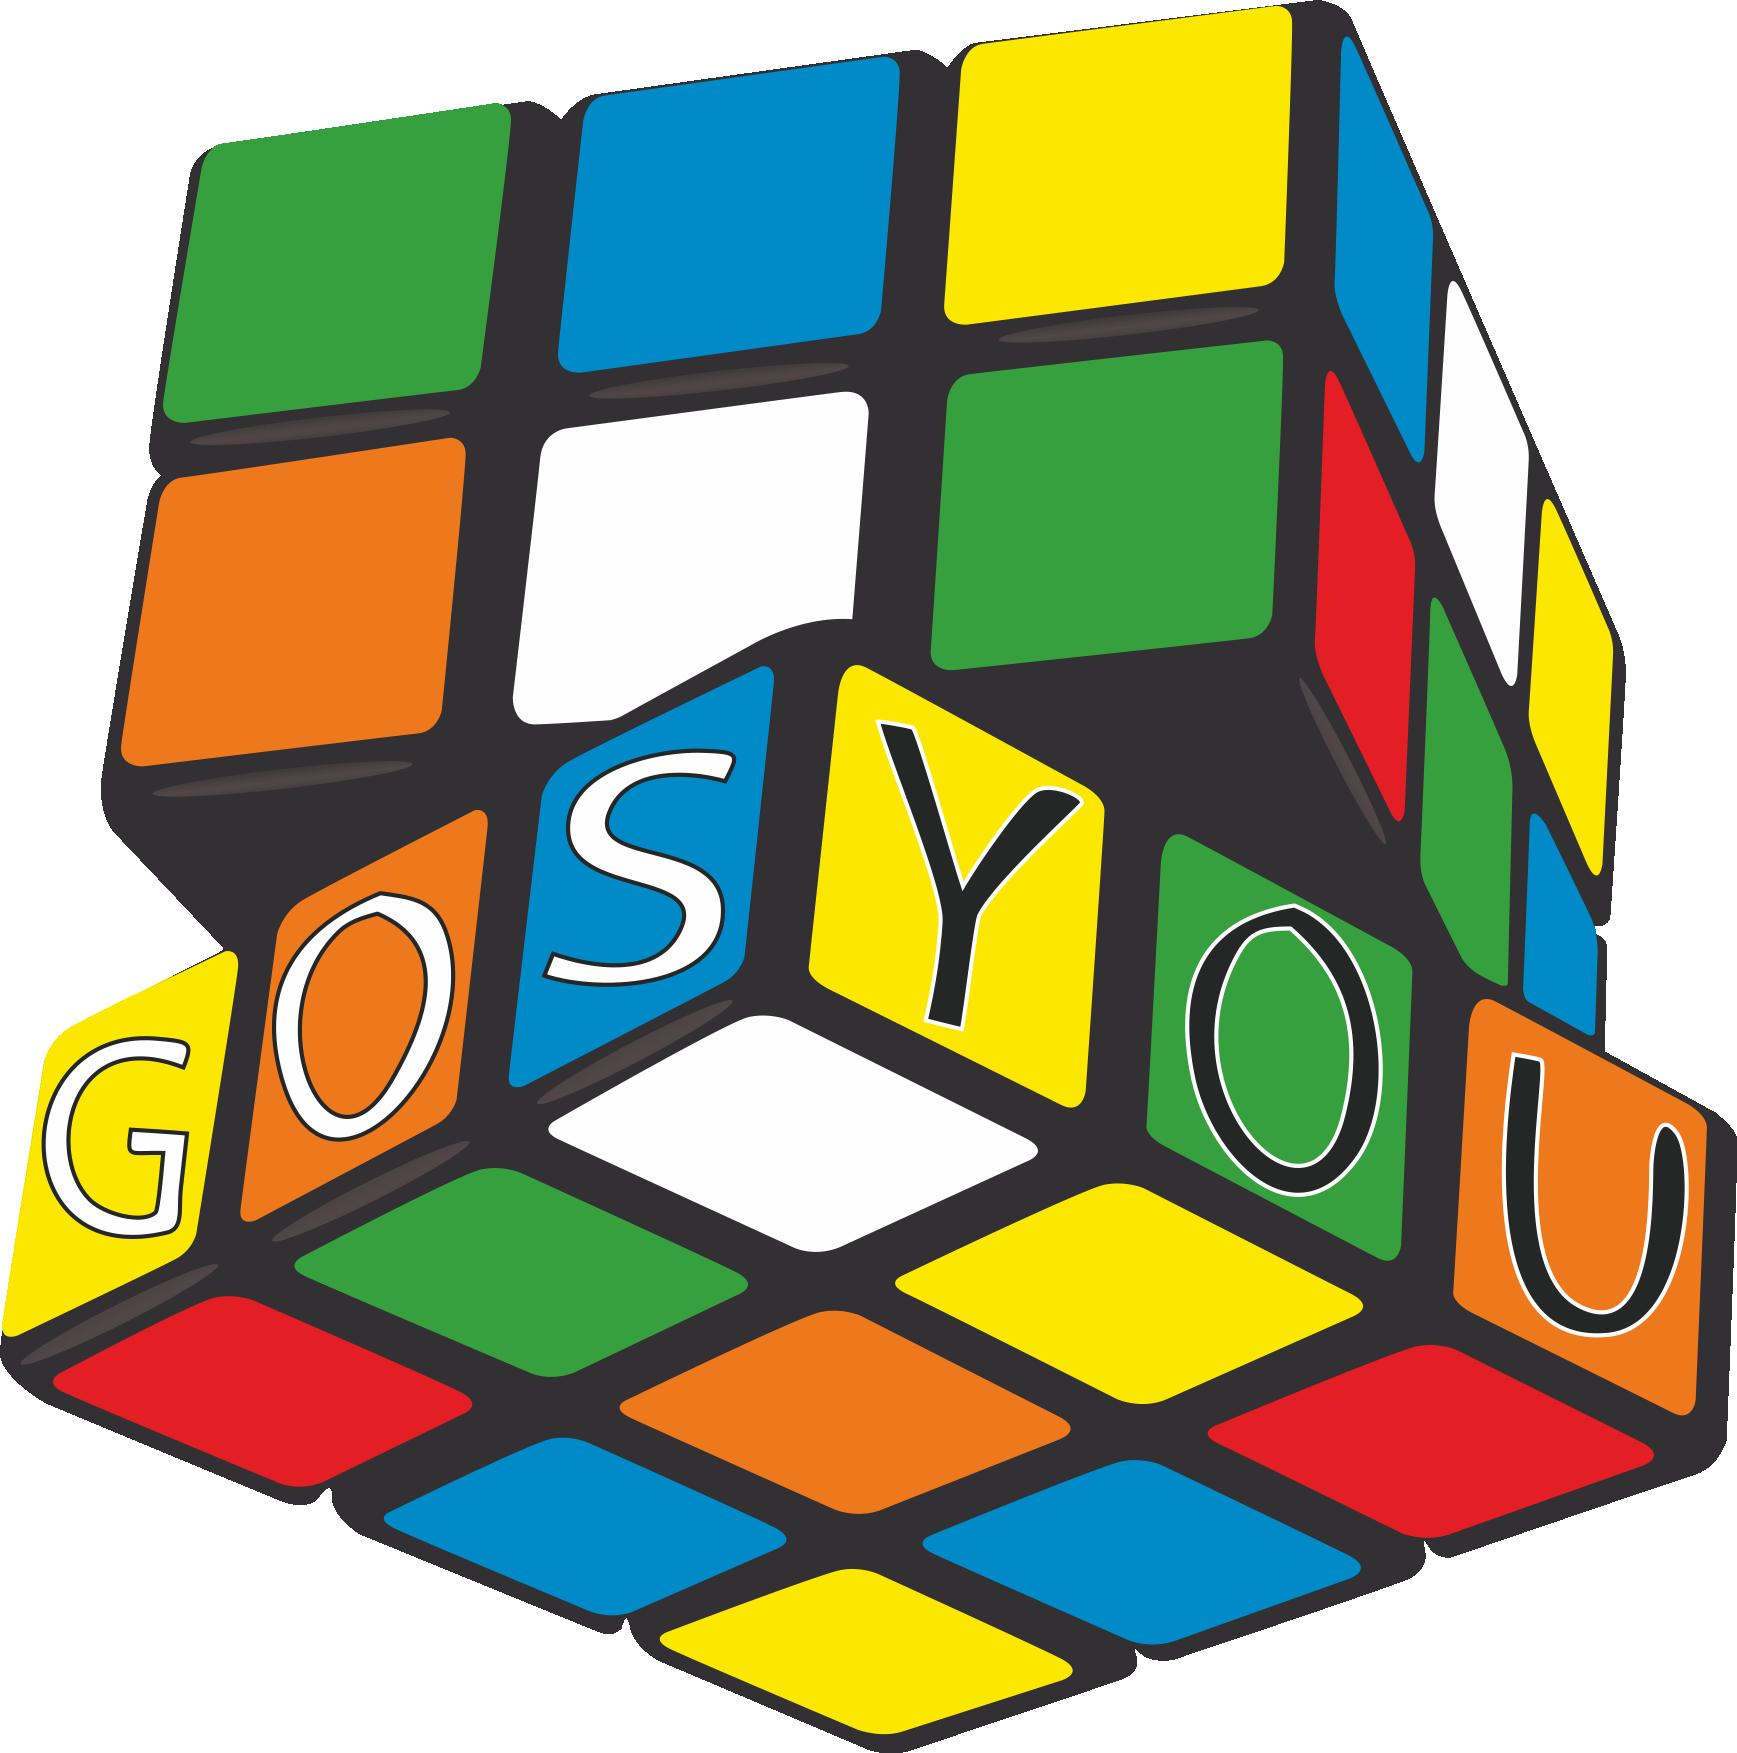 Логотип, фир. стиль и иконку для социальной сети GosYou фото f_2535089b84dce4f1.png